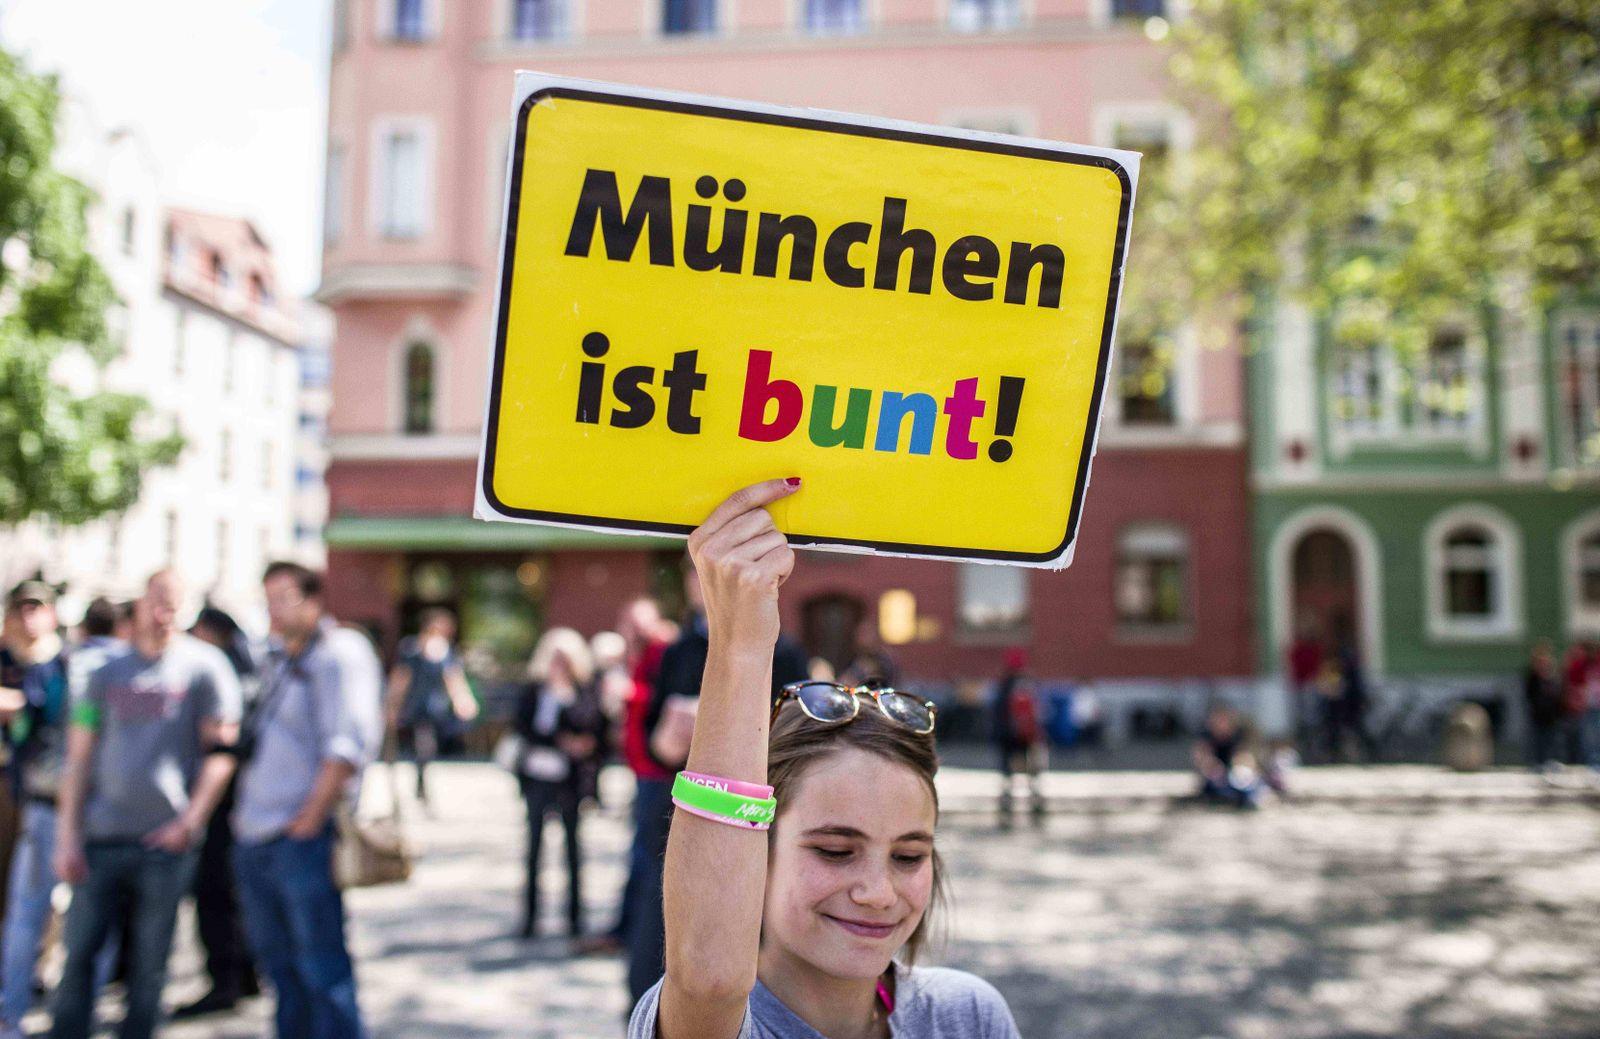 EINMALIGE VERWENDUNG Müchen Bayern / Muenchen ist bunt